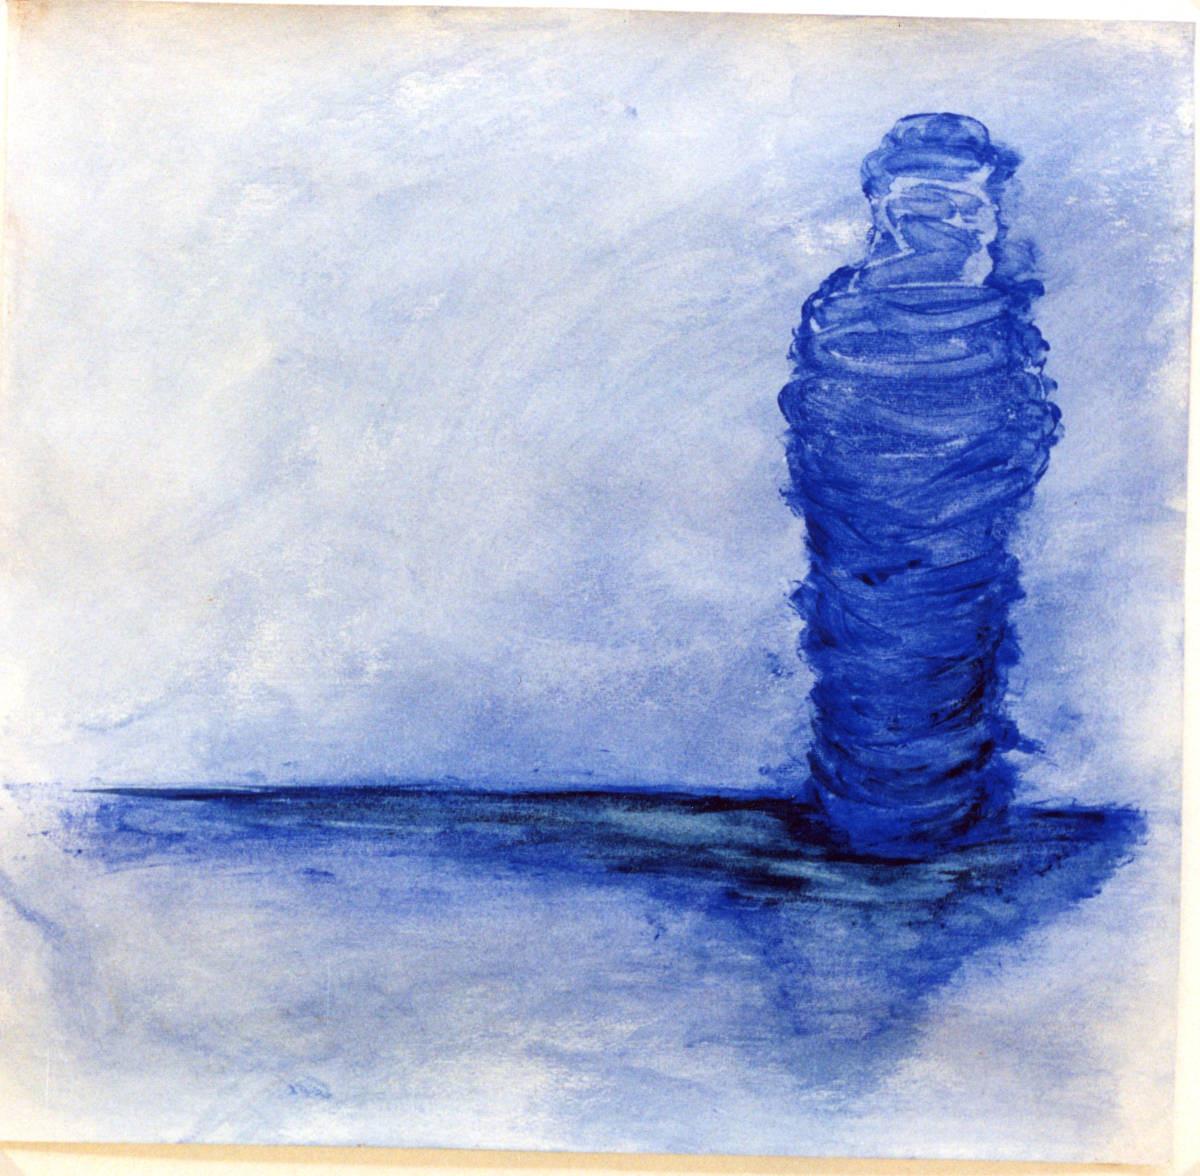 Mumie, statisch behütet, 63.5 cm x 62 cm Gouache auf Papier,1995